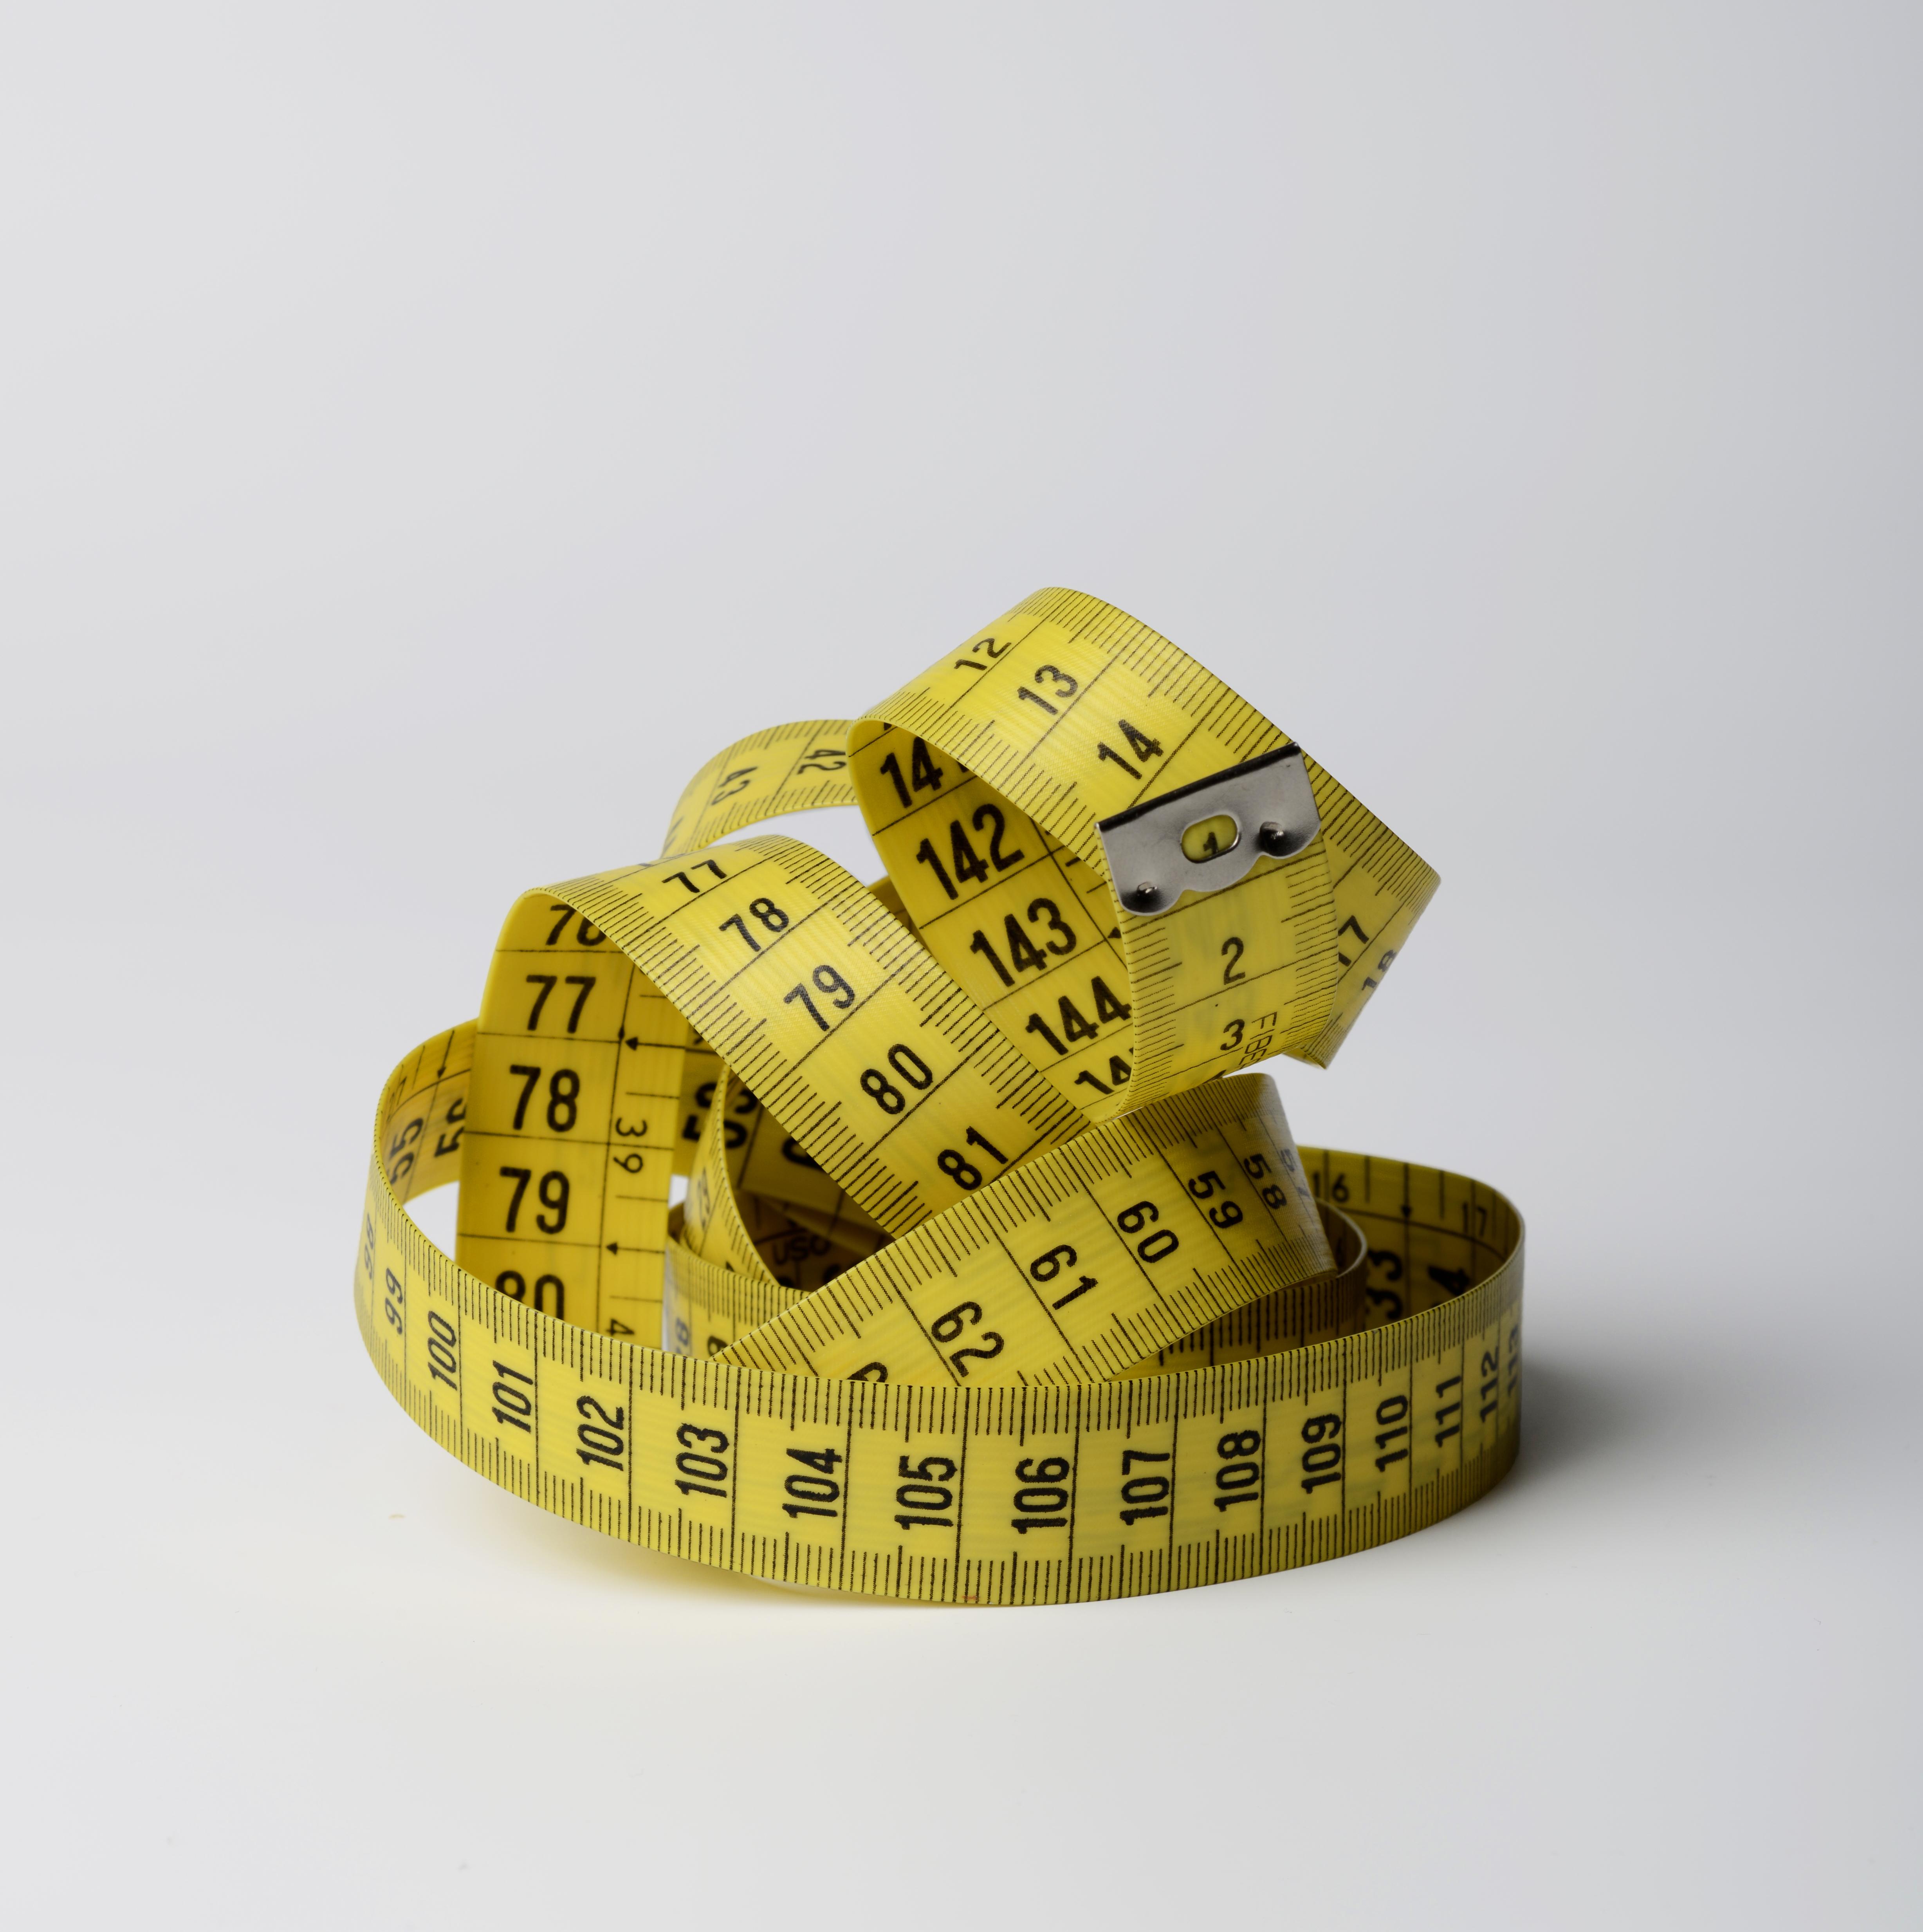 Measuring tape.